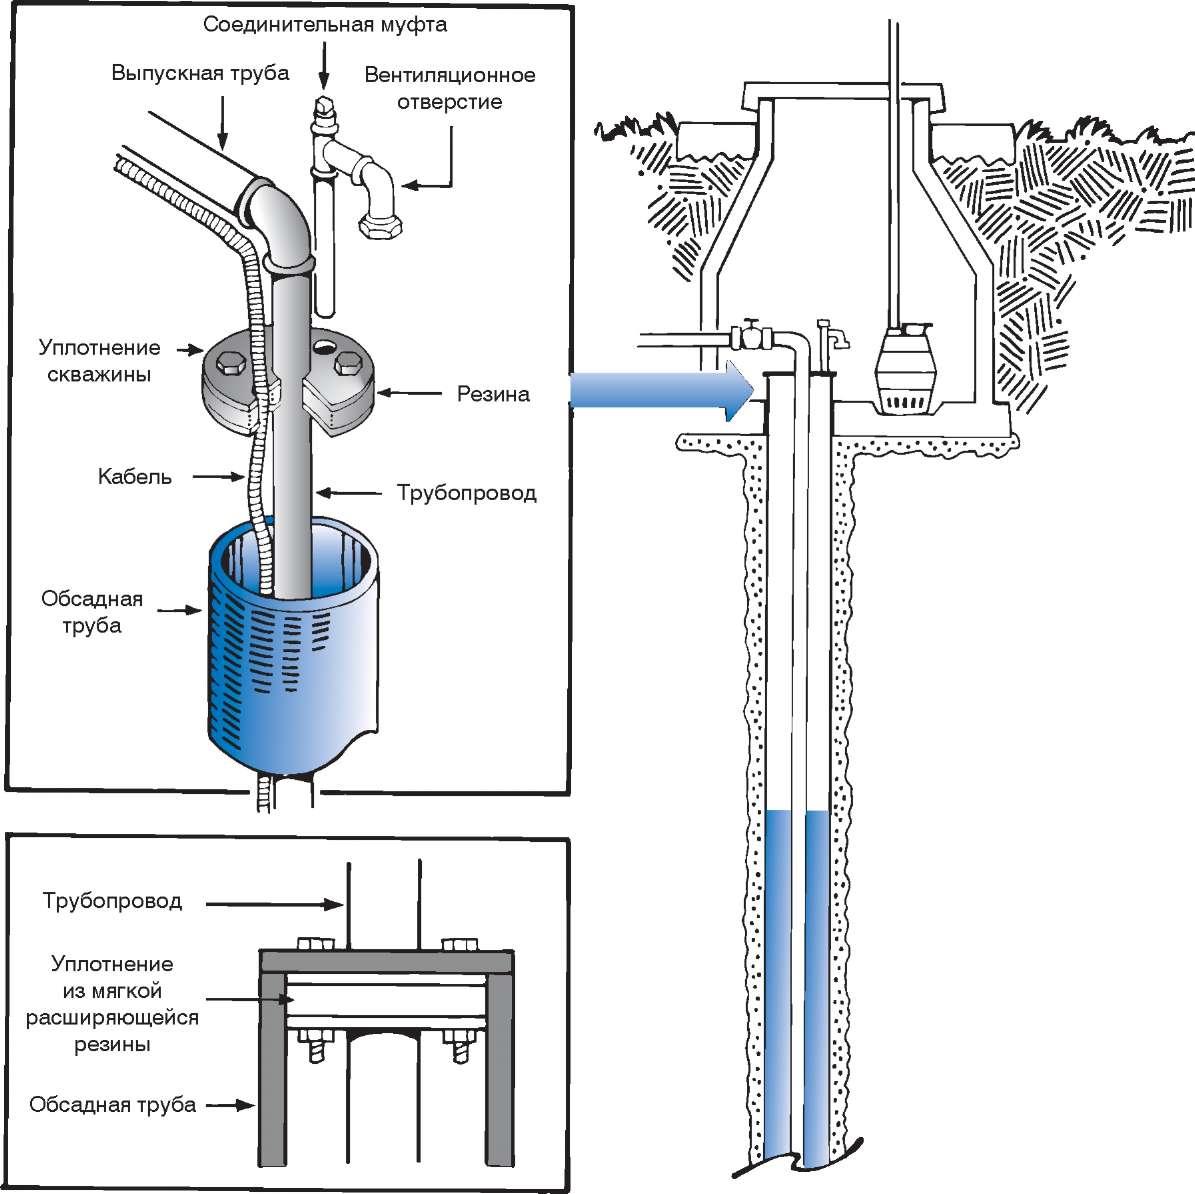 Схема герметизации скважин